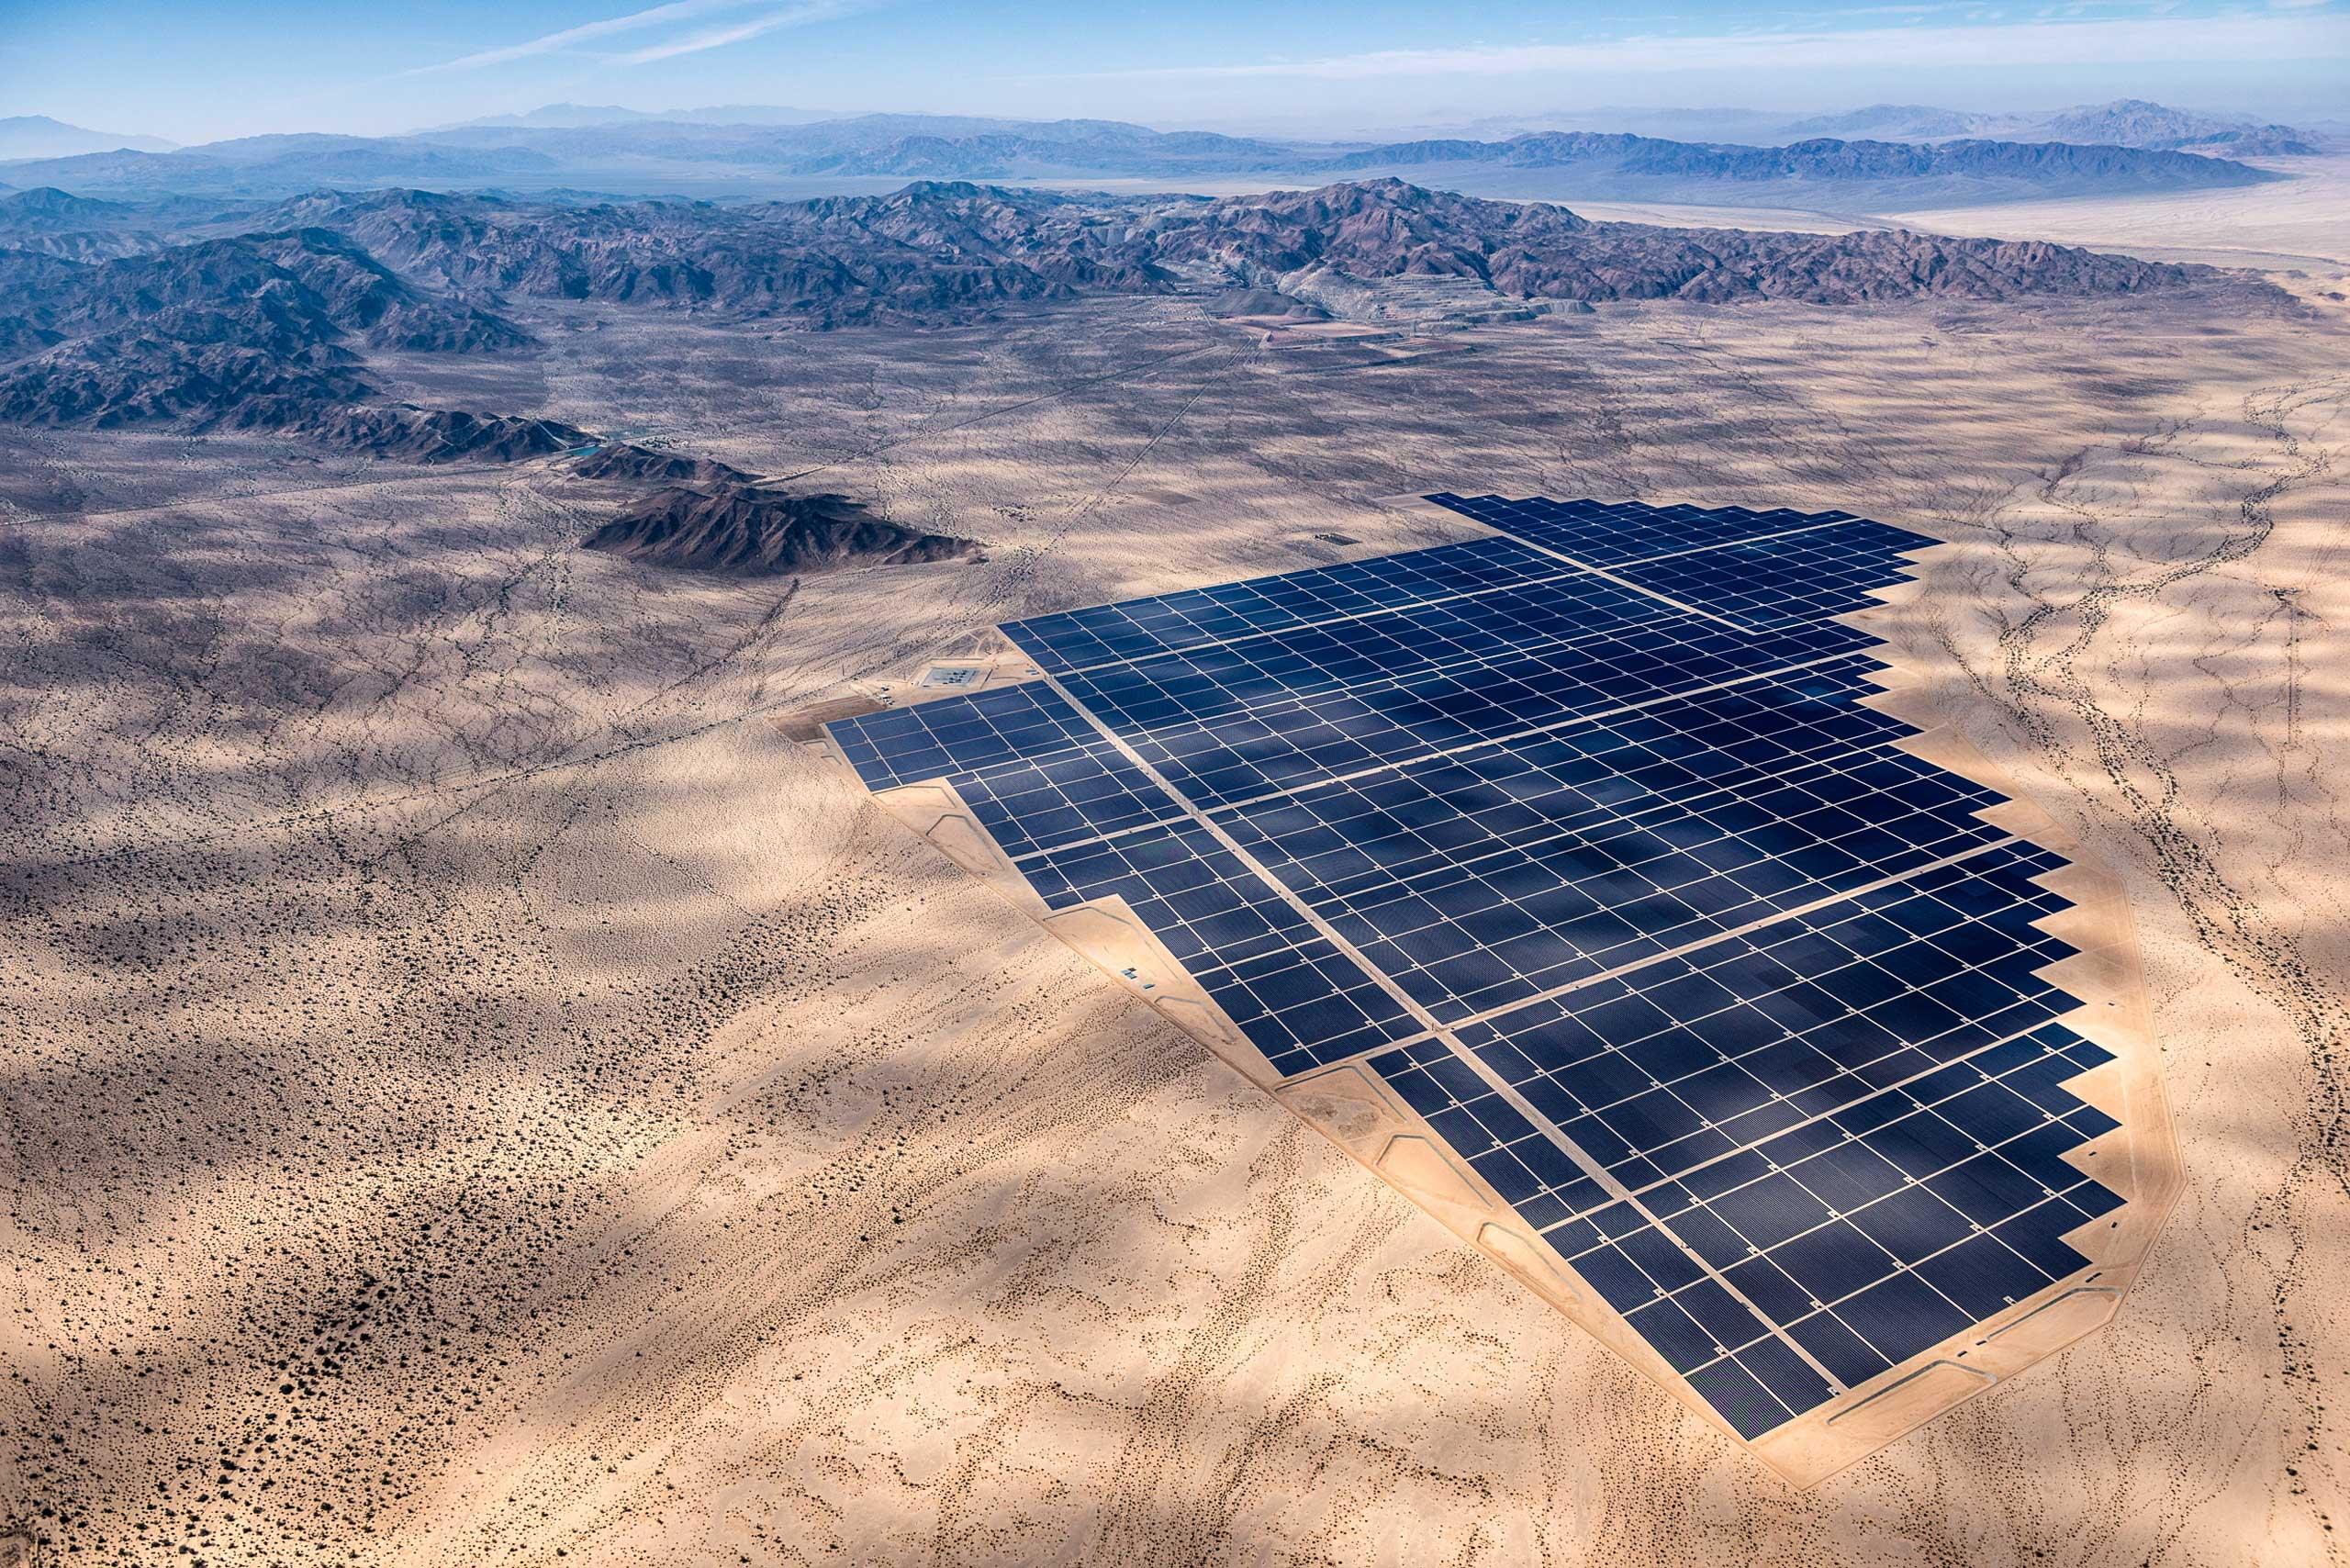 Desert Sunlight Solar Farm where 8 million solar panels power 160,000 California homes, in the Mojave Desert, California.